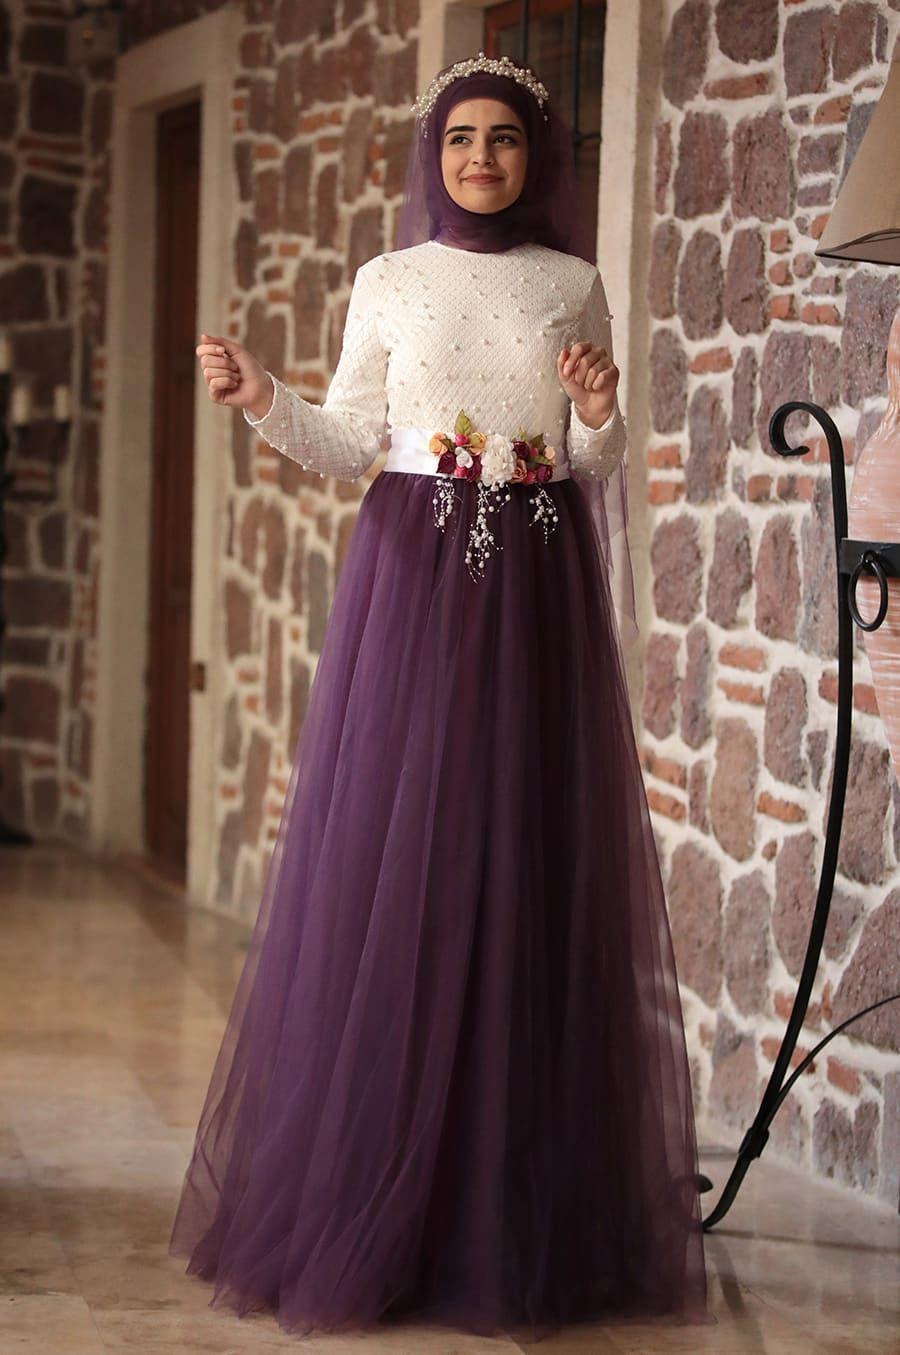 اشيك فساتين سوارية طويلة لعام 2020 Dresses Fashion Victorian Dress